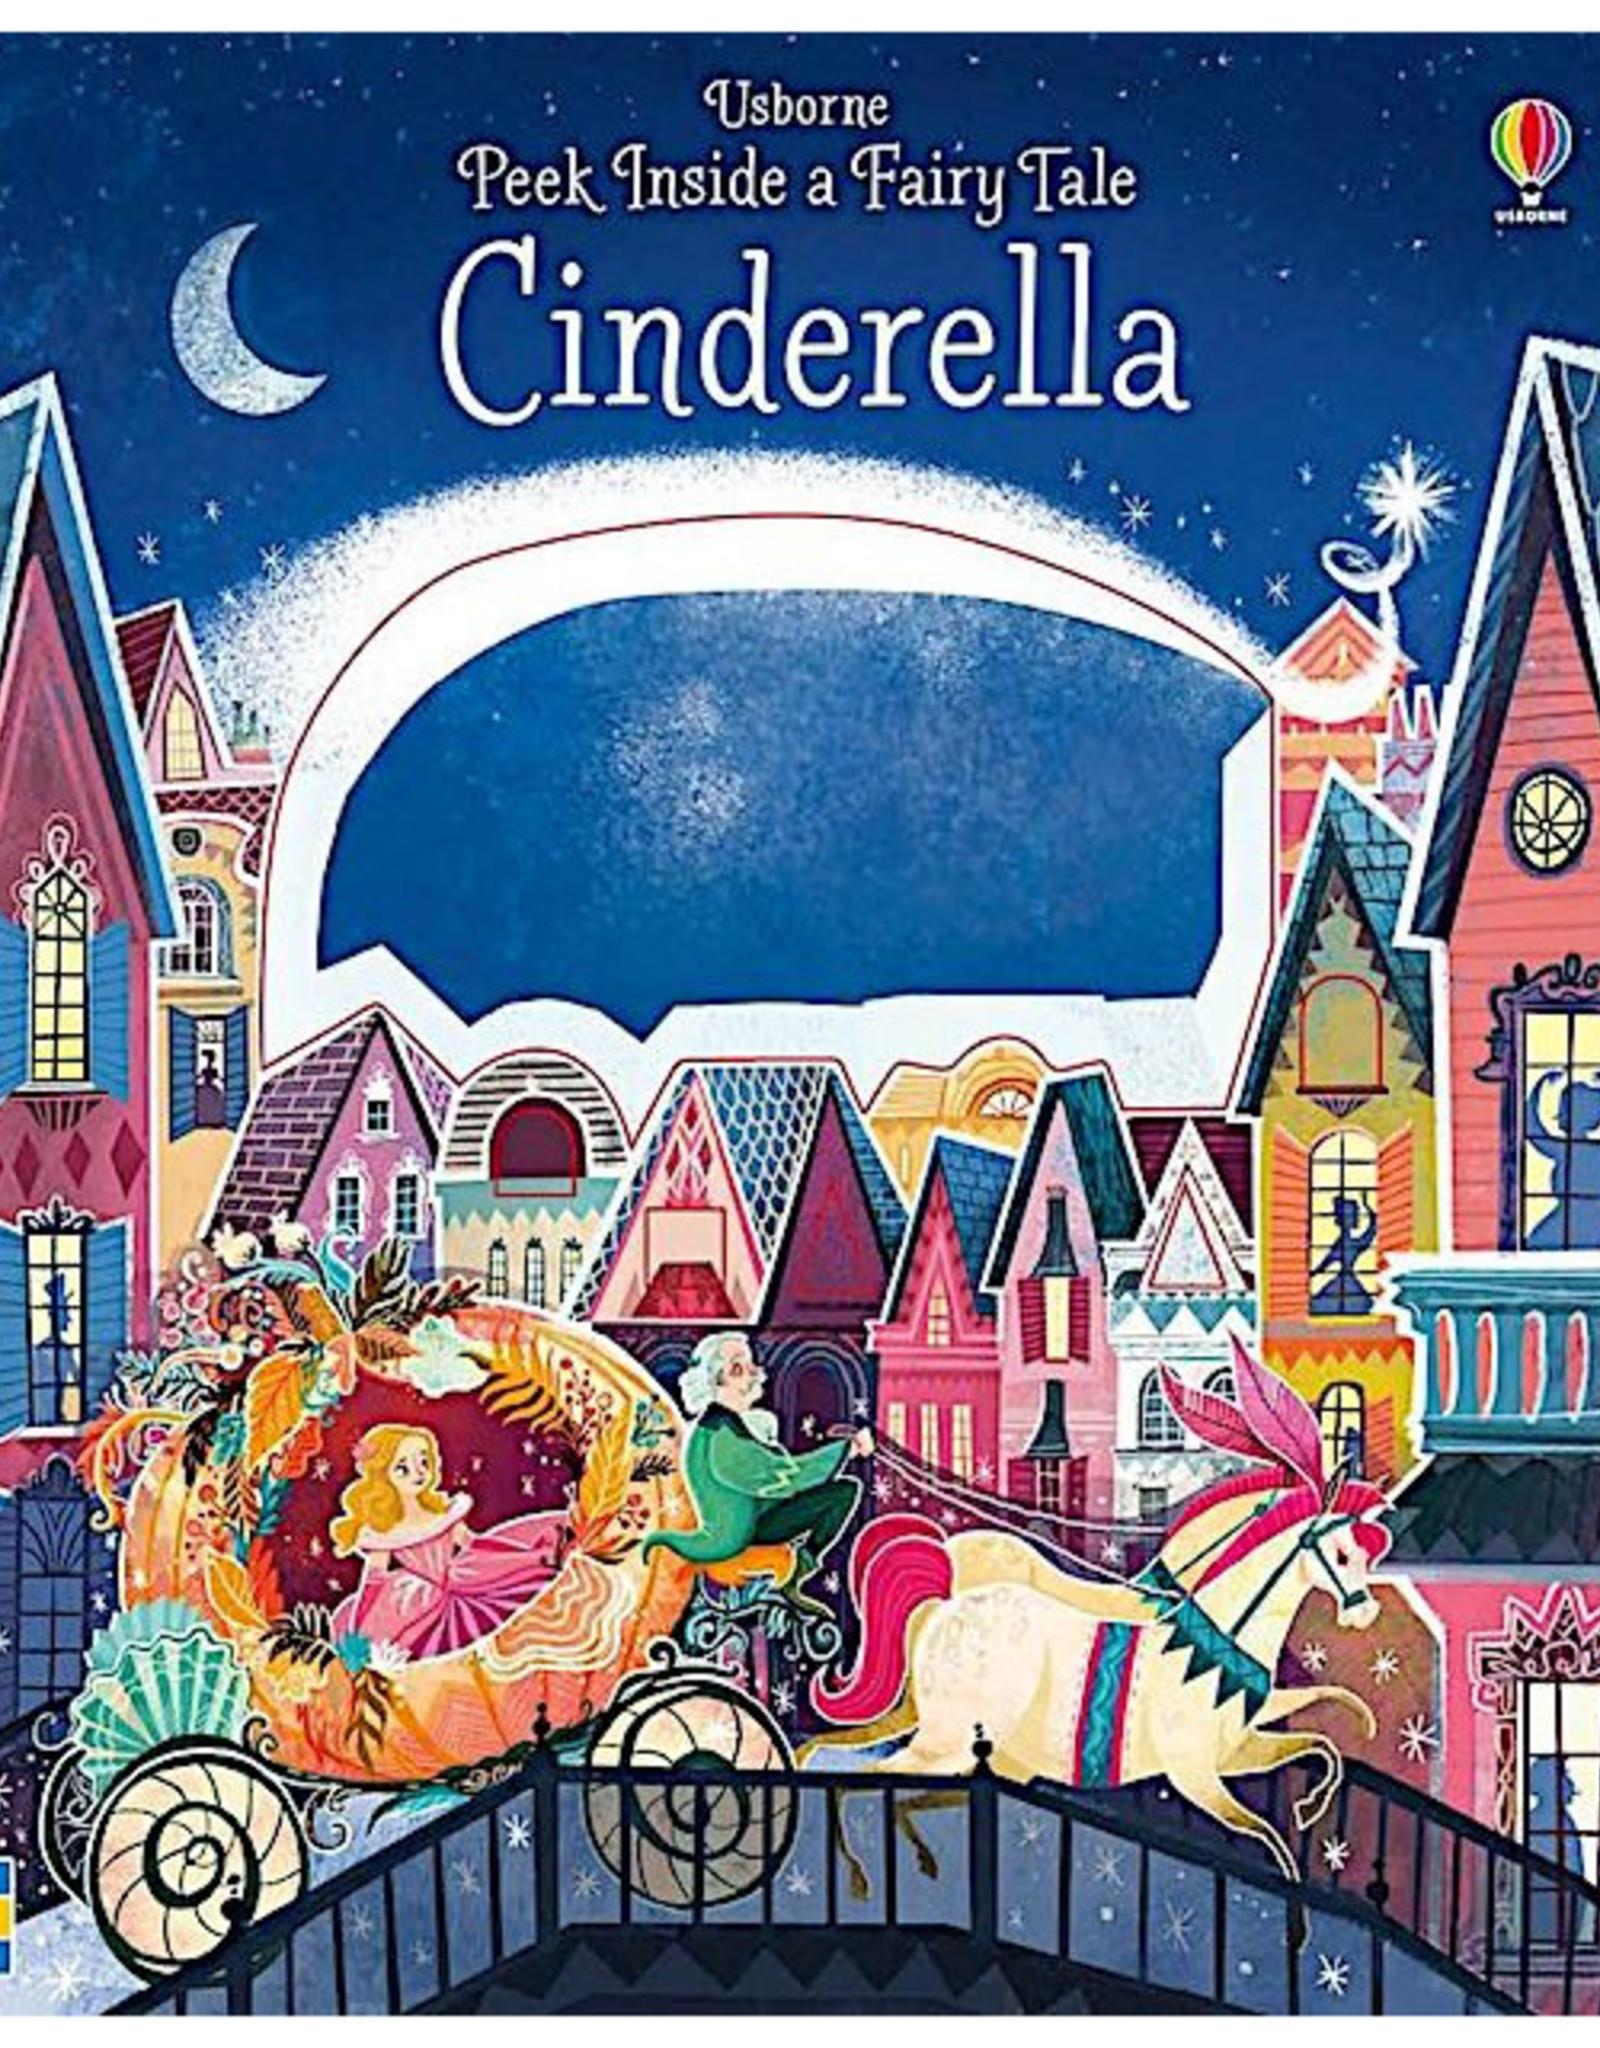 Usborne Peek Inside a Fairy Tale: Cinderella